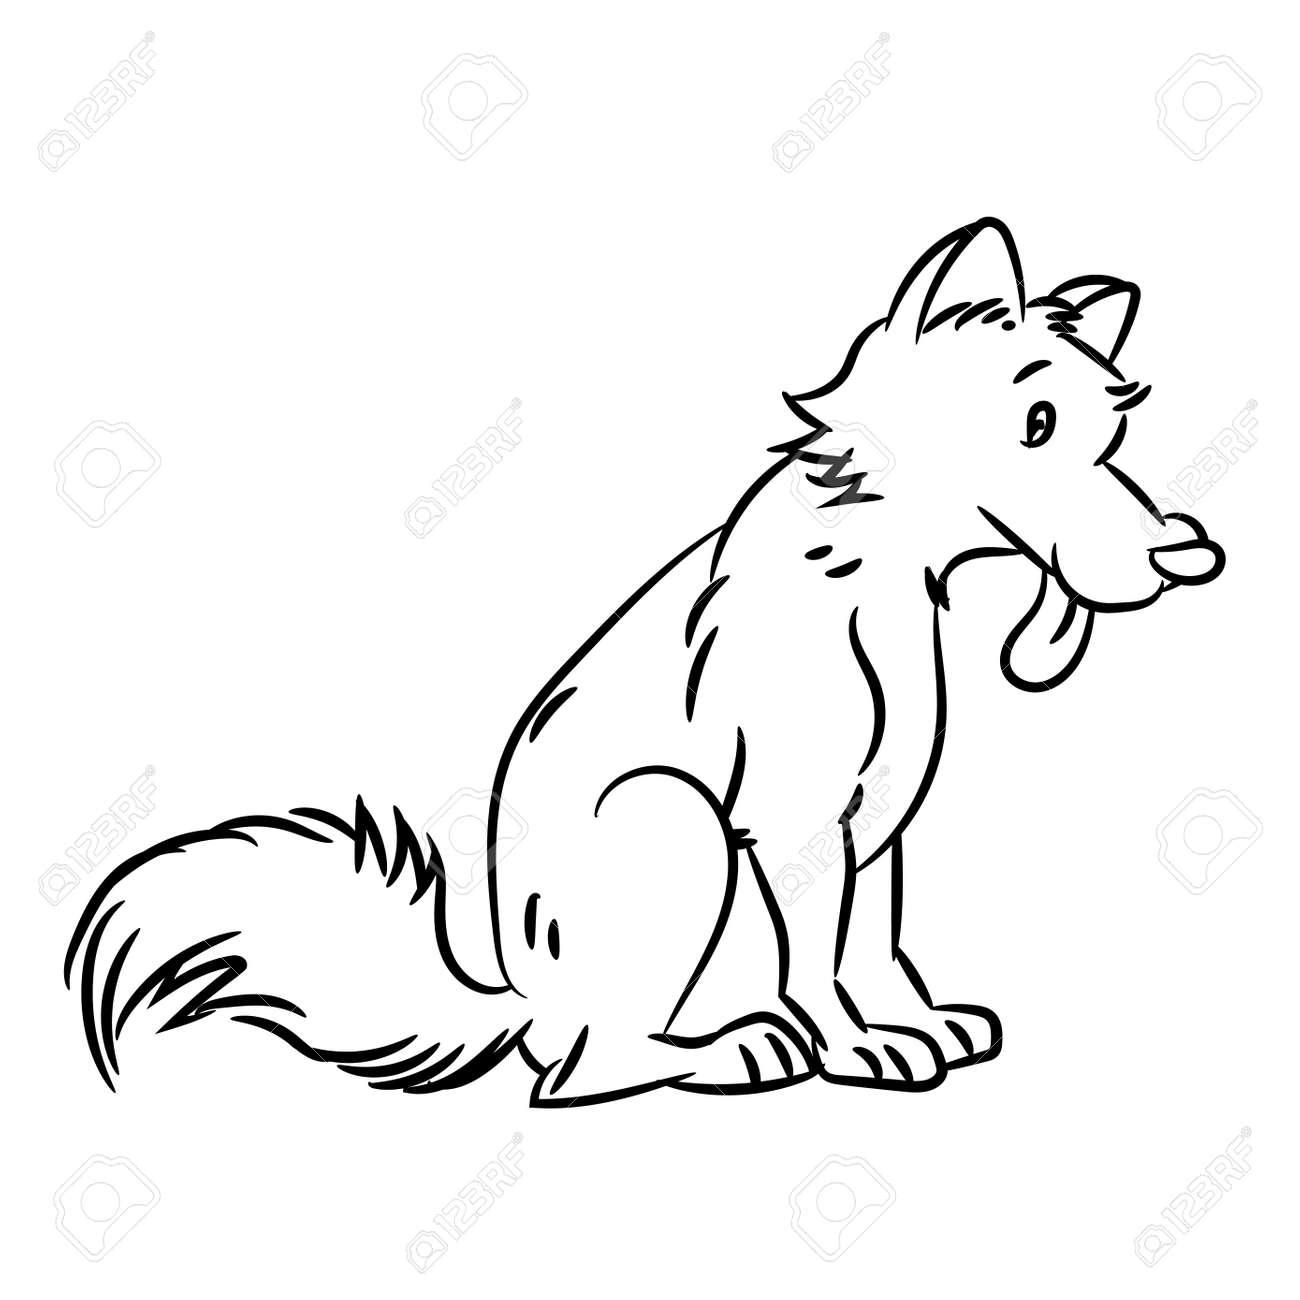 Bosquejo Dibujado Mano De Perro Aislado Blanco Y Negro Ilustración De Vector De Dibujos Animados Para Libro De Colorear Vector Dibujado